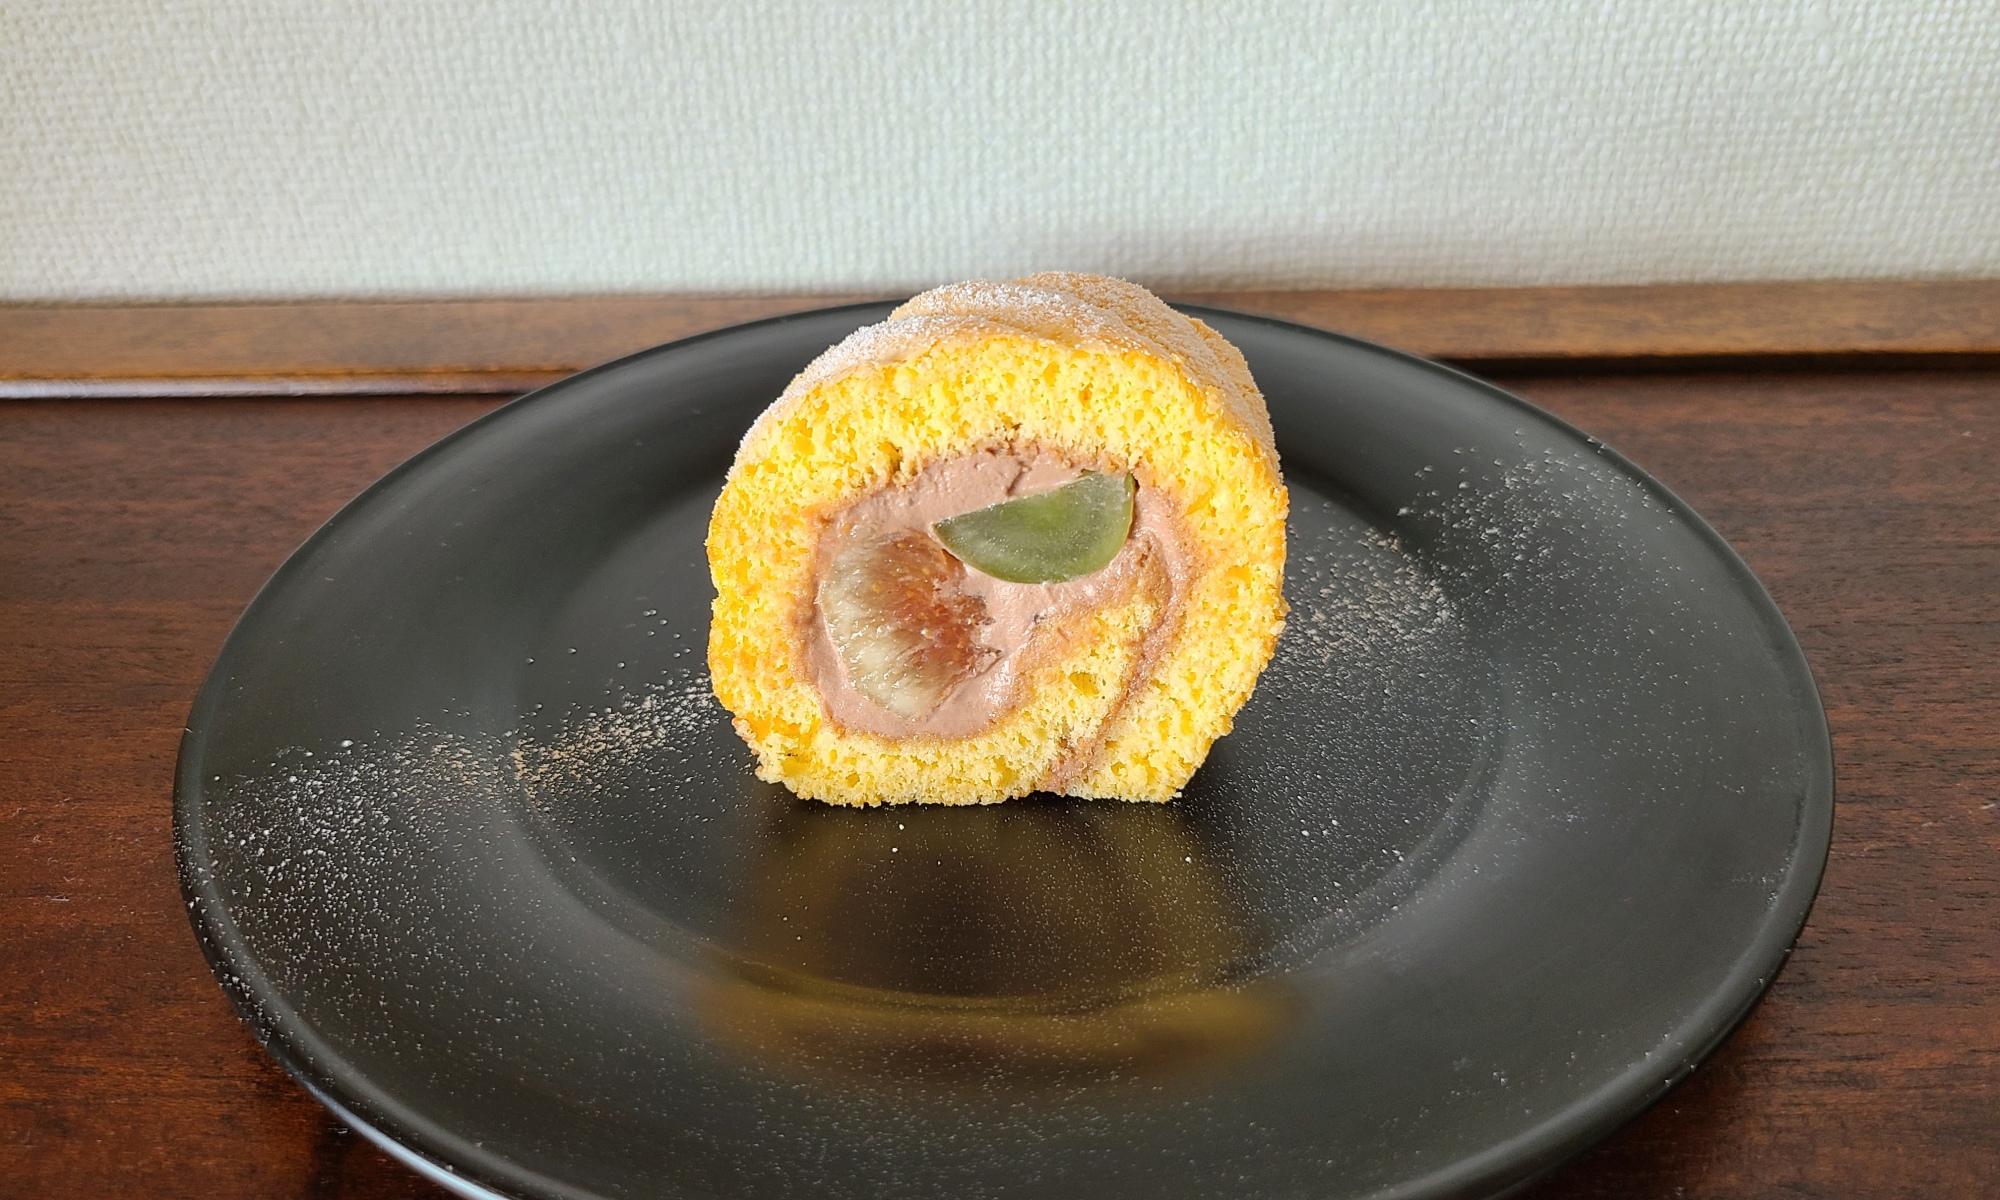 漆黒の器に秋の果実を巻いたロールケーキが1カット。